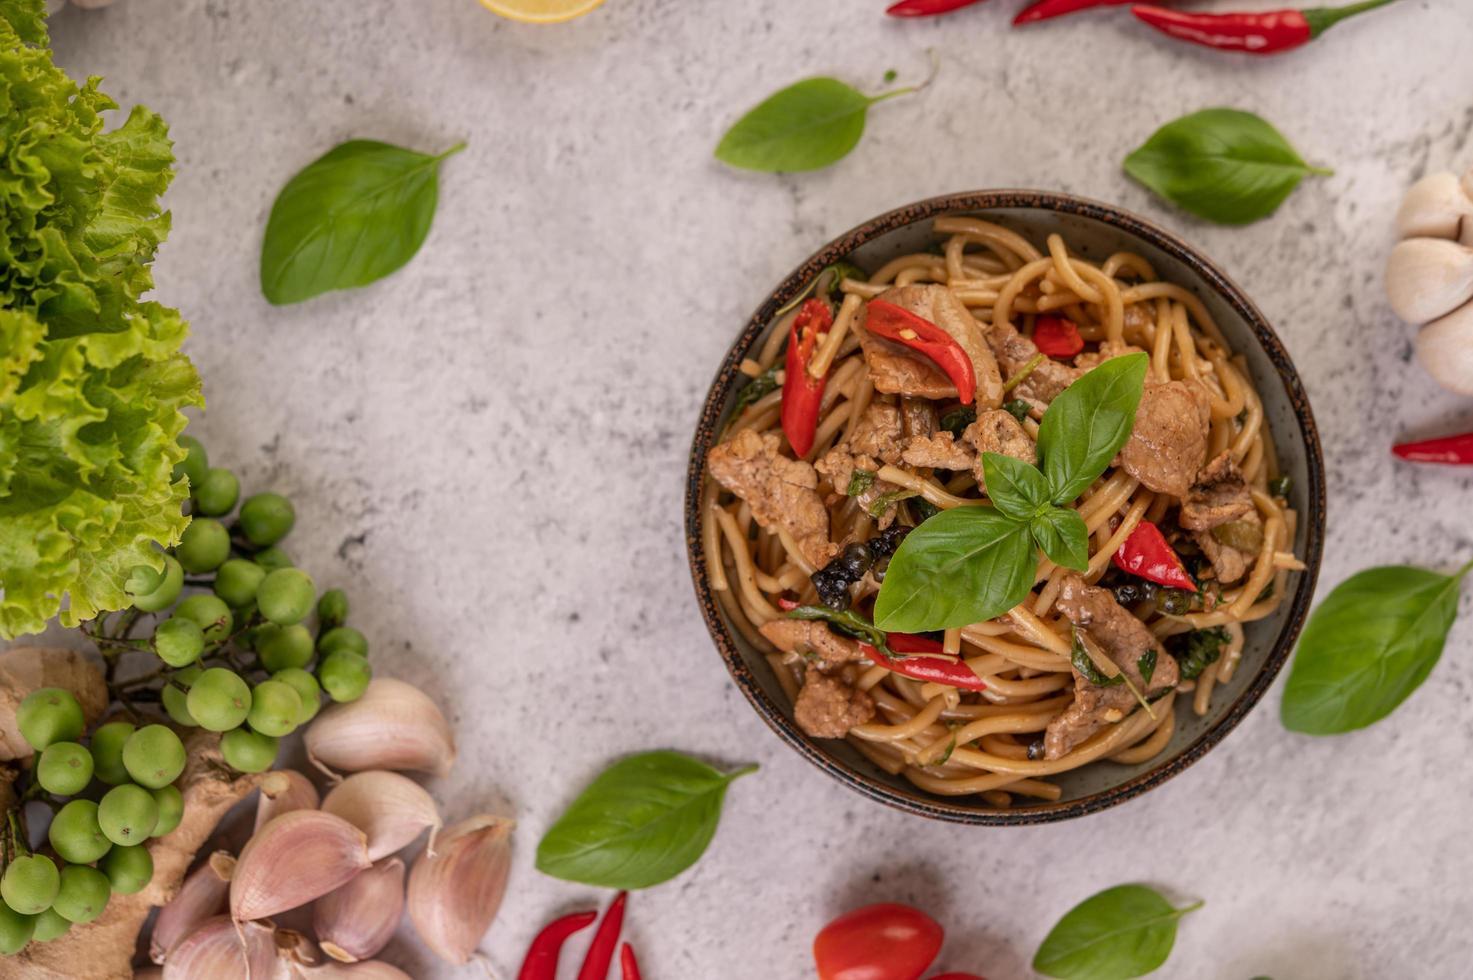 refogue espaguete e carne de porco foto